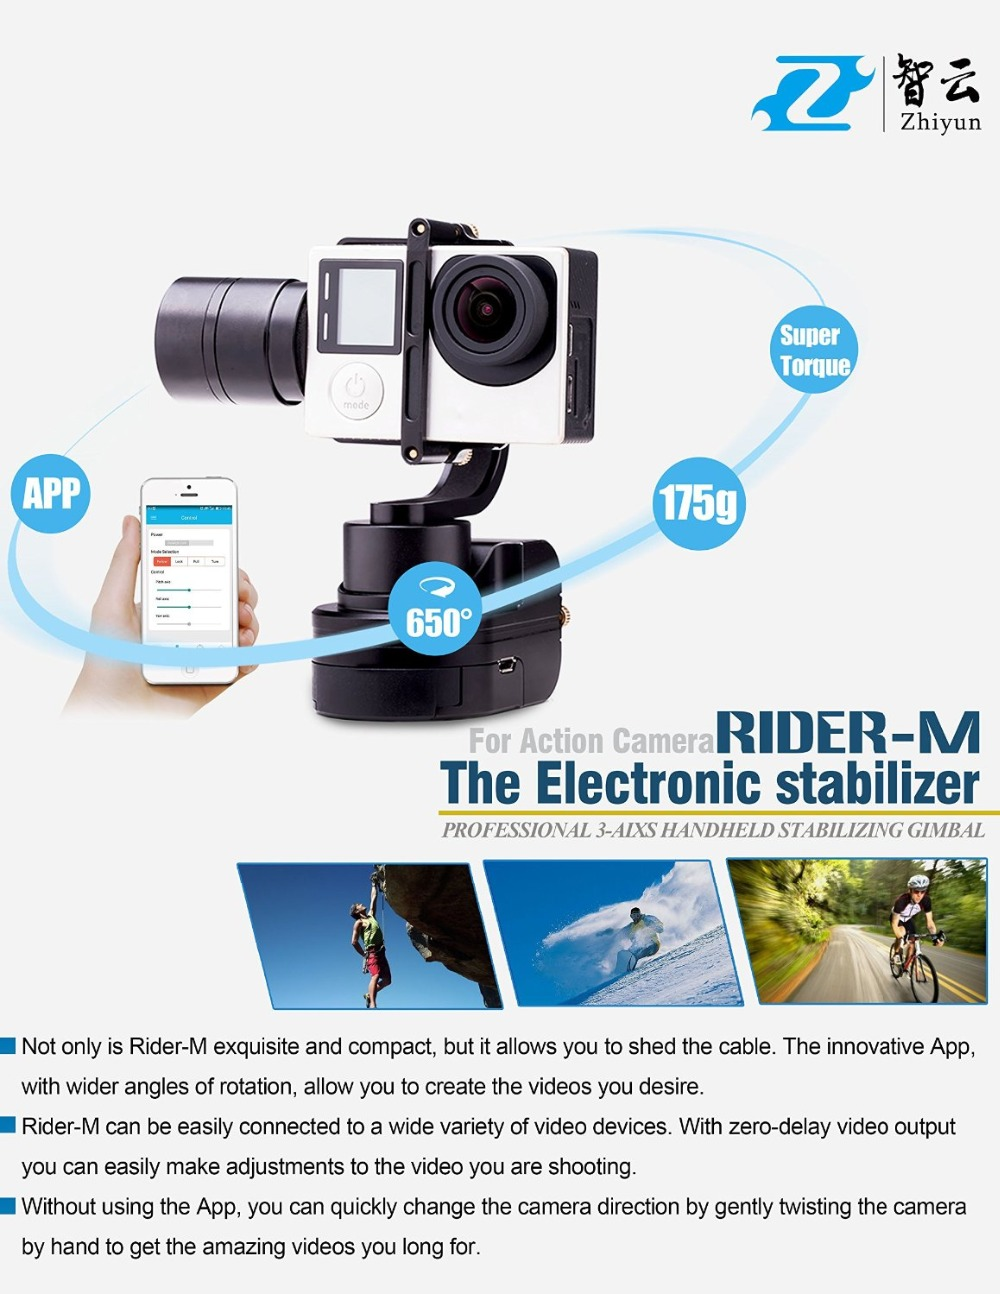 DHL Zhiyun Всадник М Z1-rider М gimbal 3-axi Носимых стабилизатор Bluetooth пульт дистанционного управления для Gopro hero 3 4 сессии GoCam Sj5000 xiaoyi